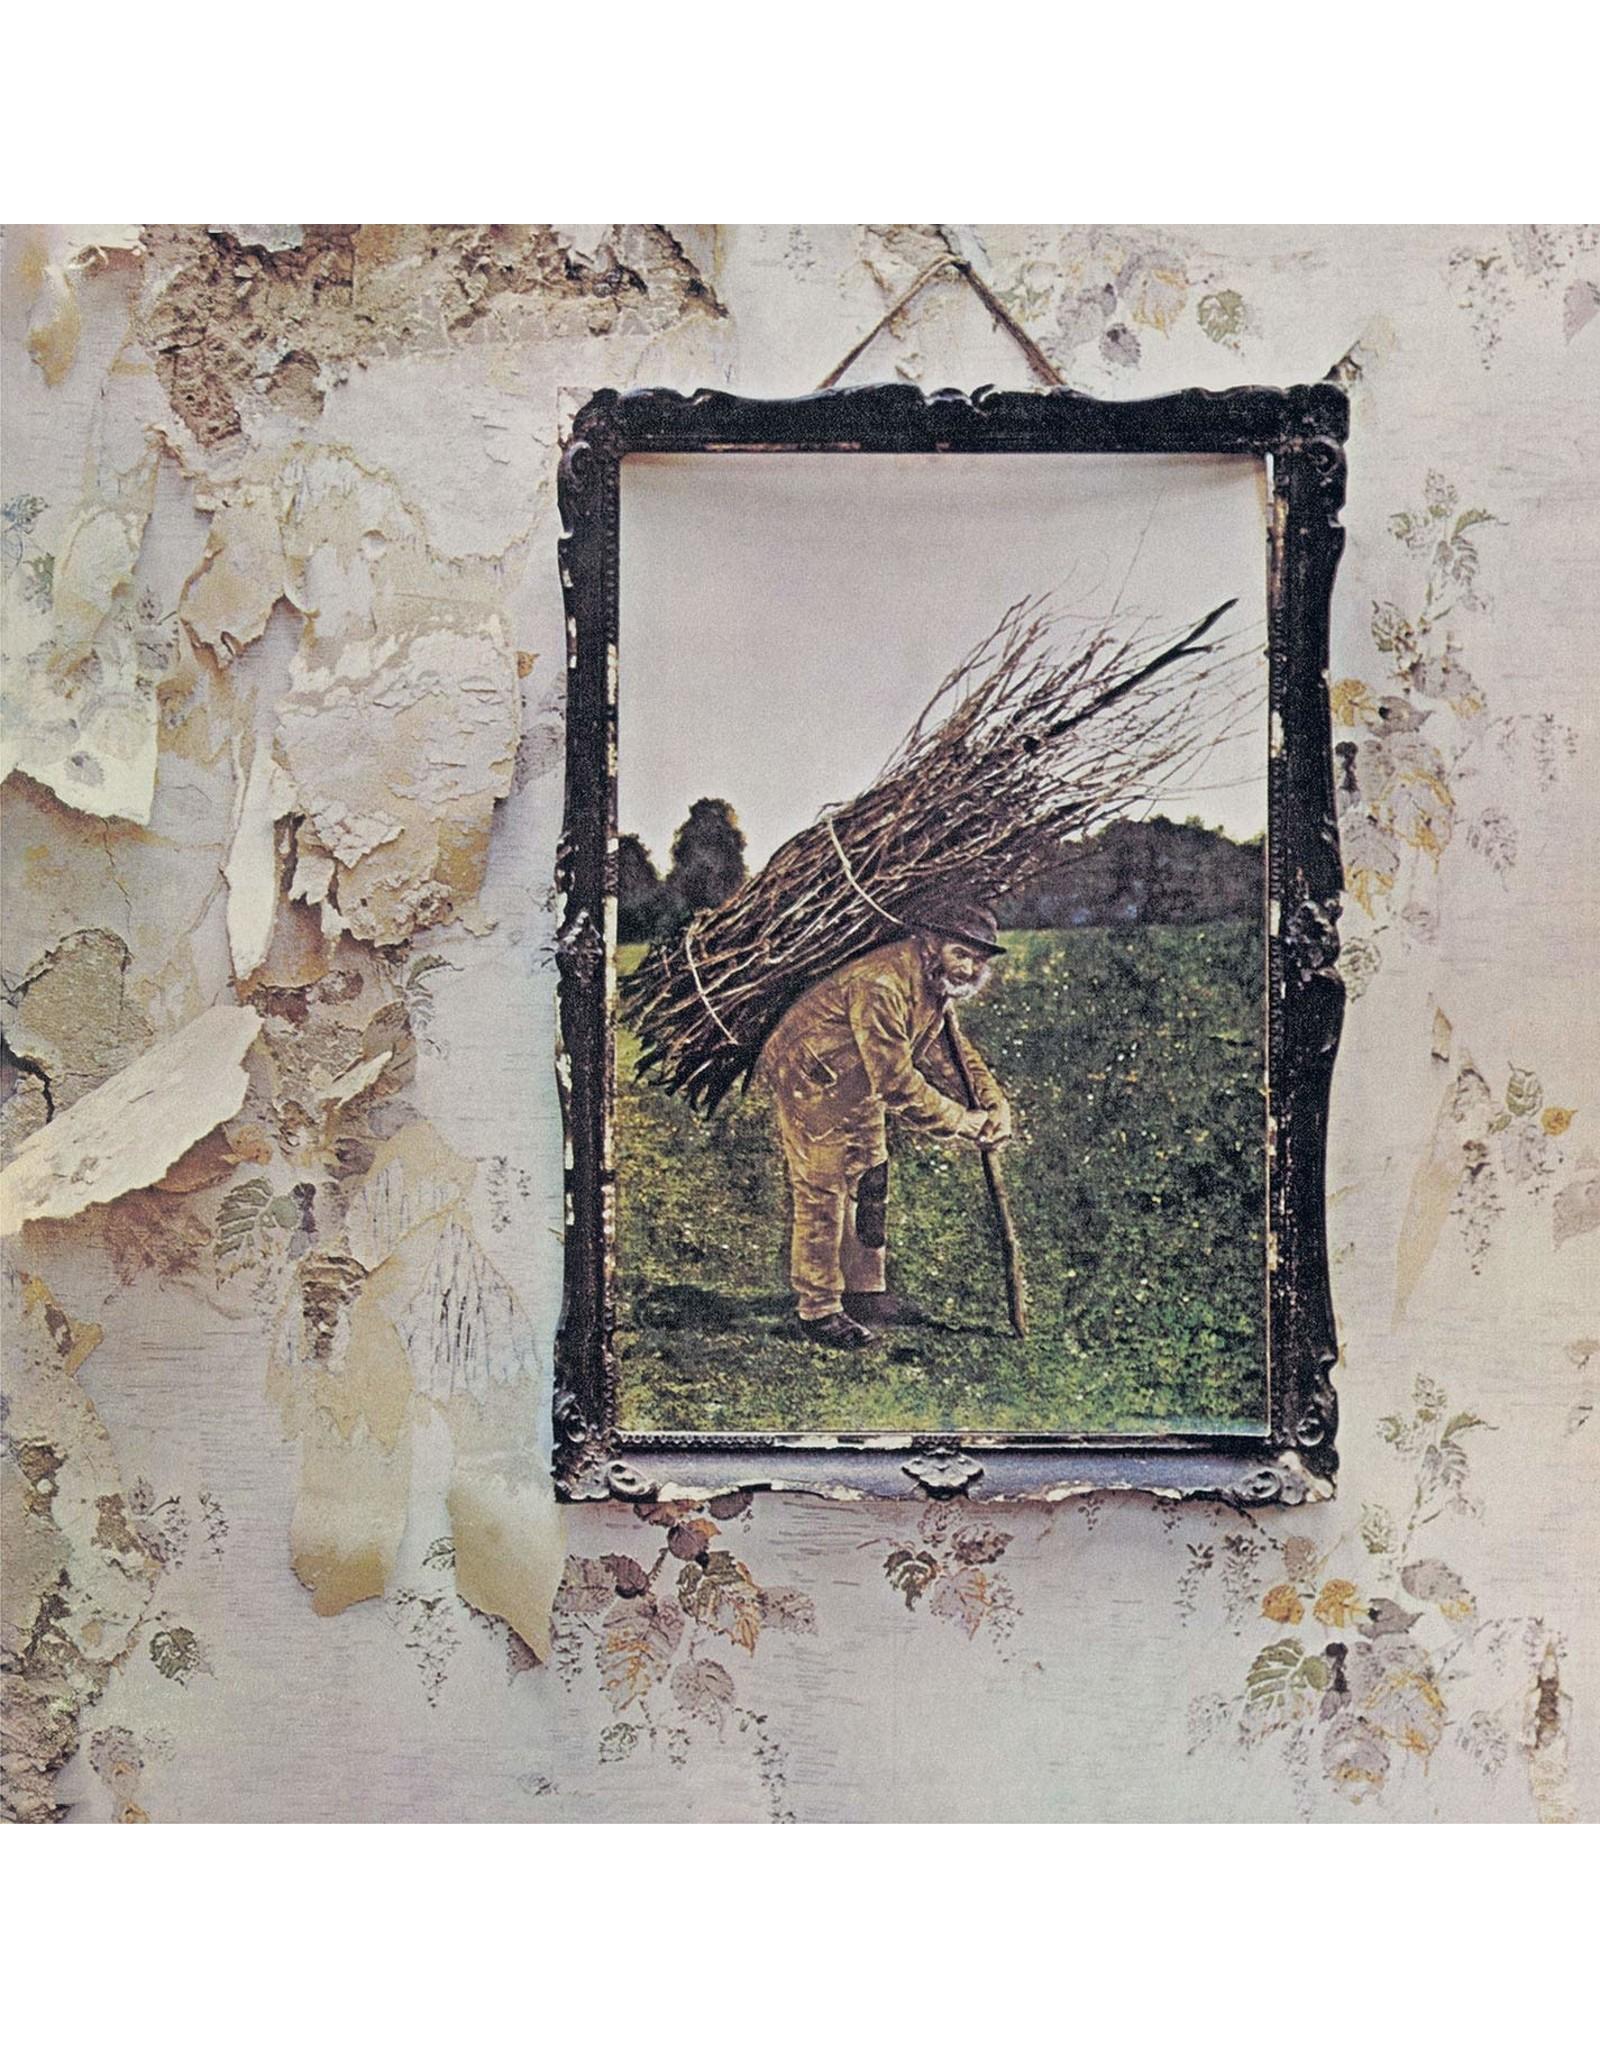 Led Zeppelin - IV